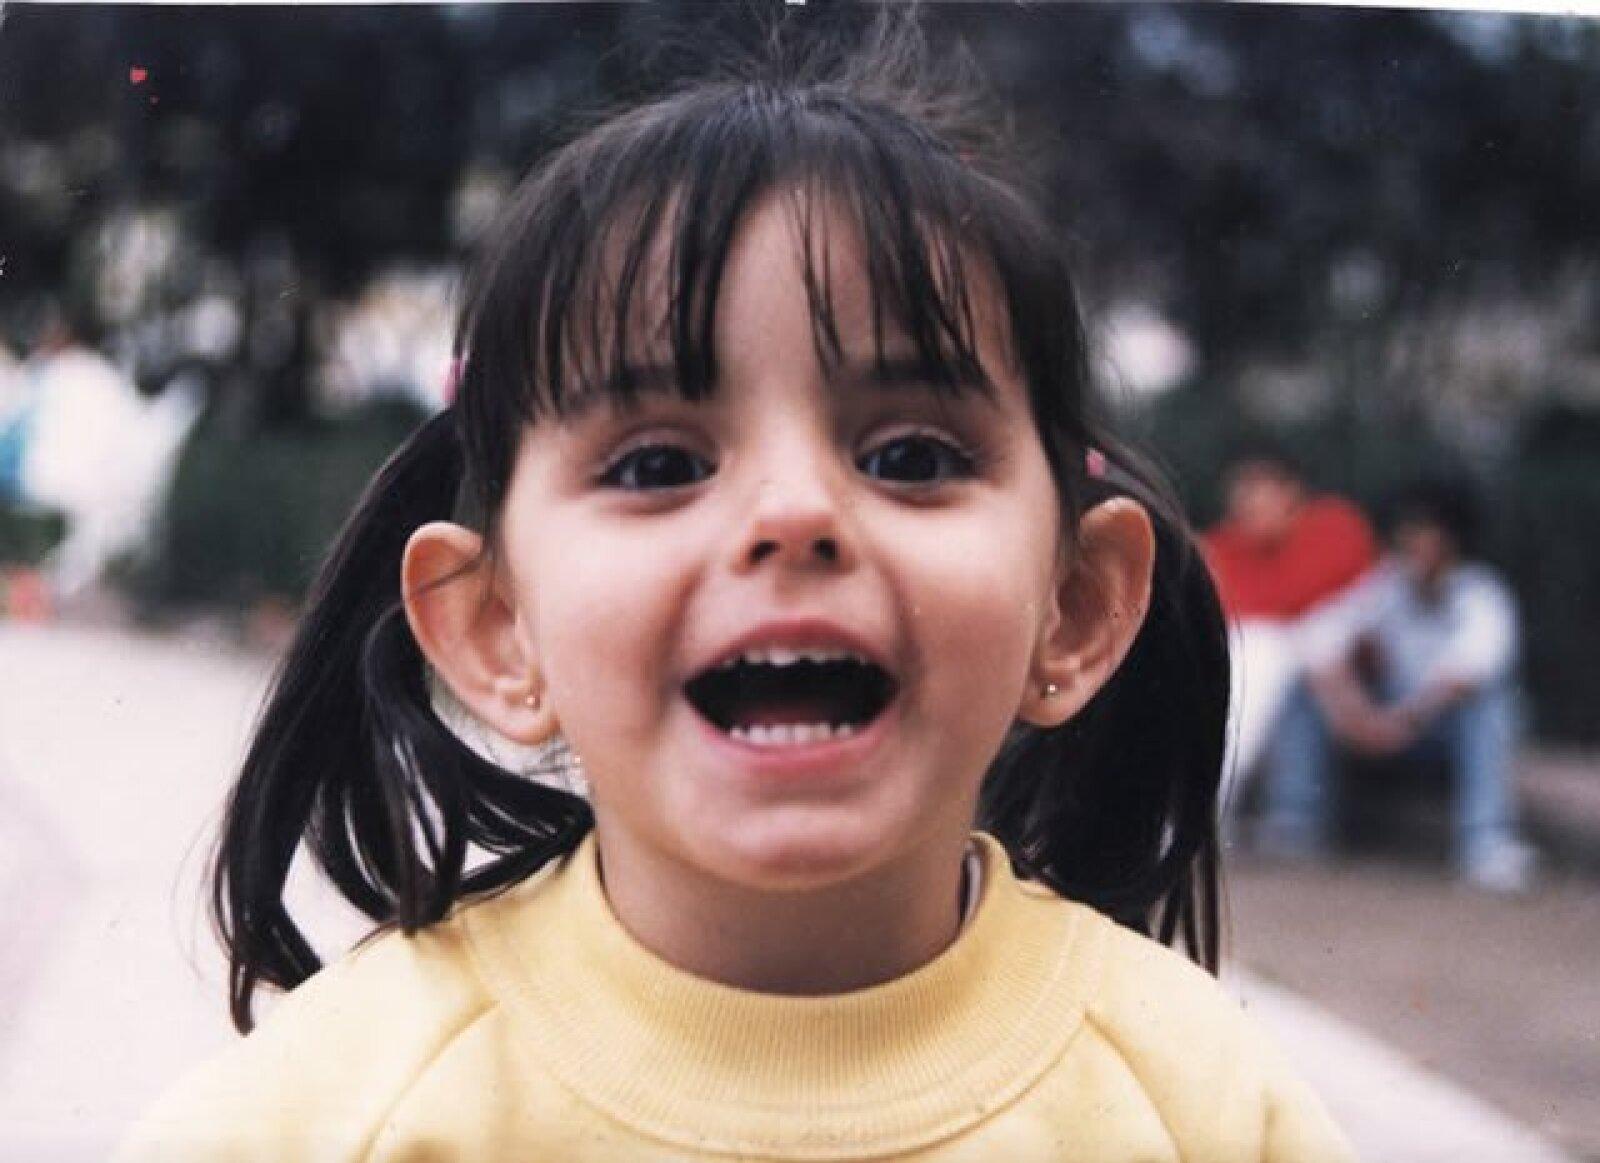 Aislinn Derbez compartió una foto de su infancia y comentó: ajaja por algo me decian DUMBO de chiquita...´